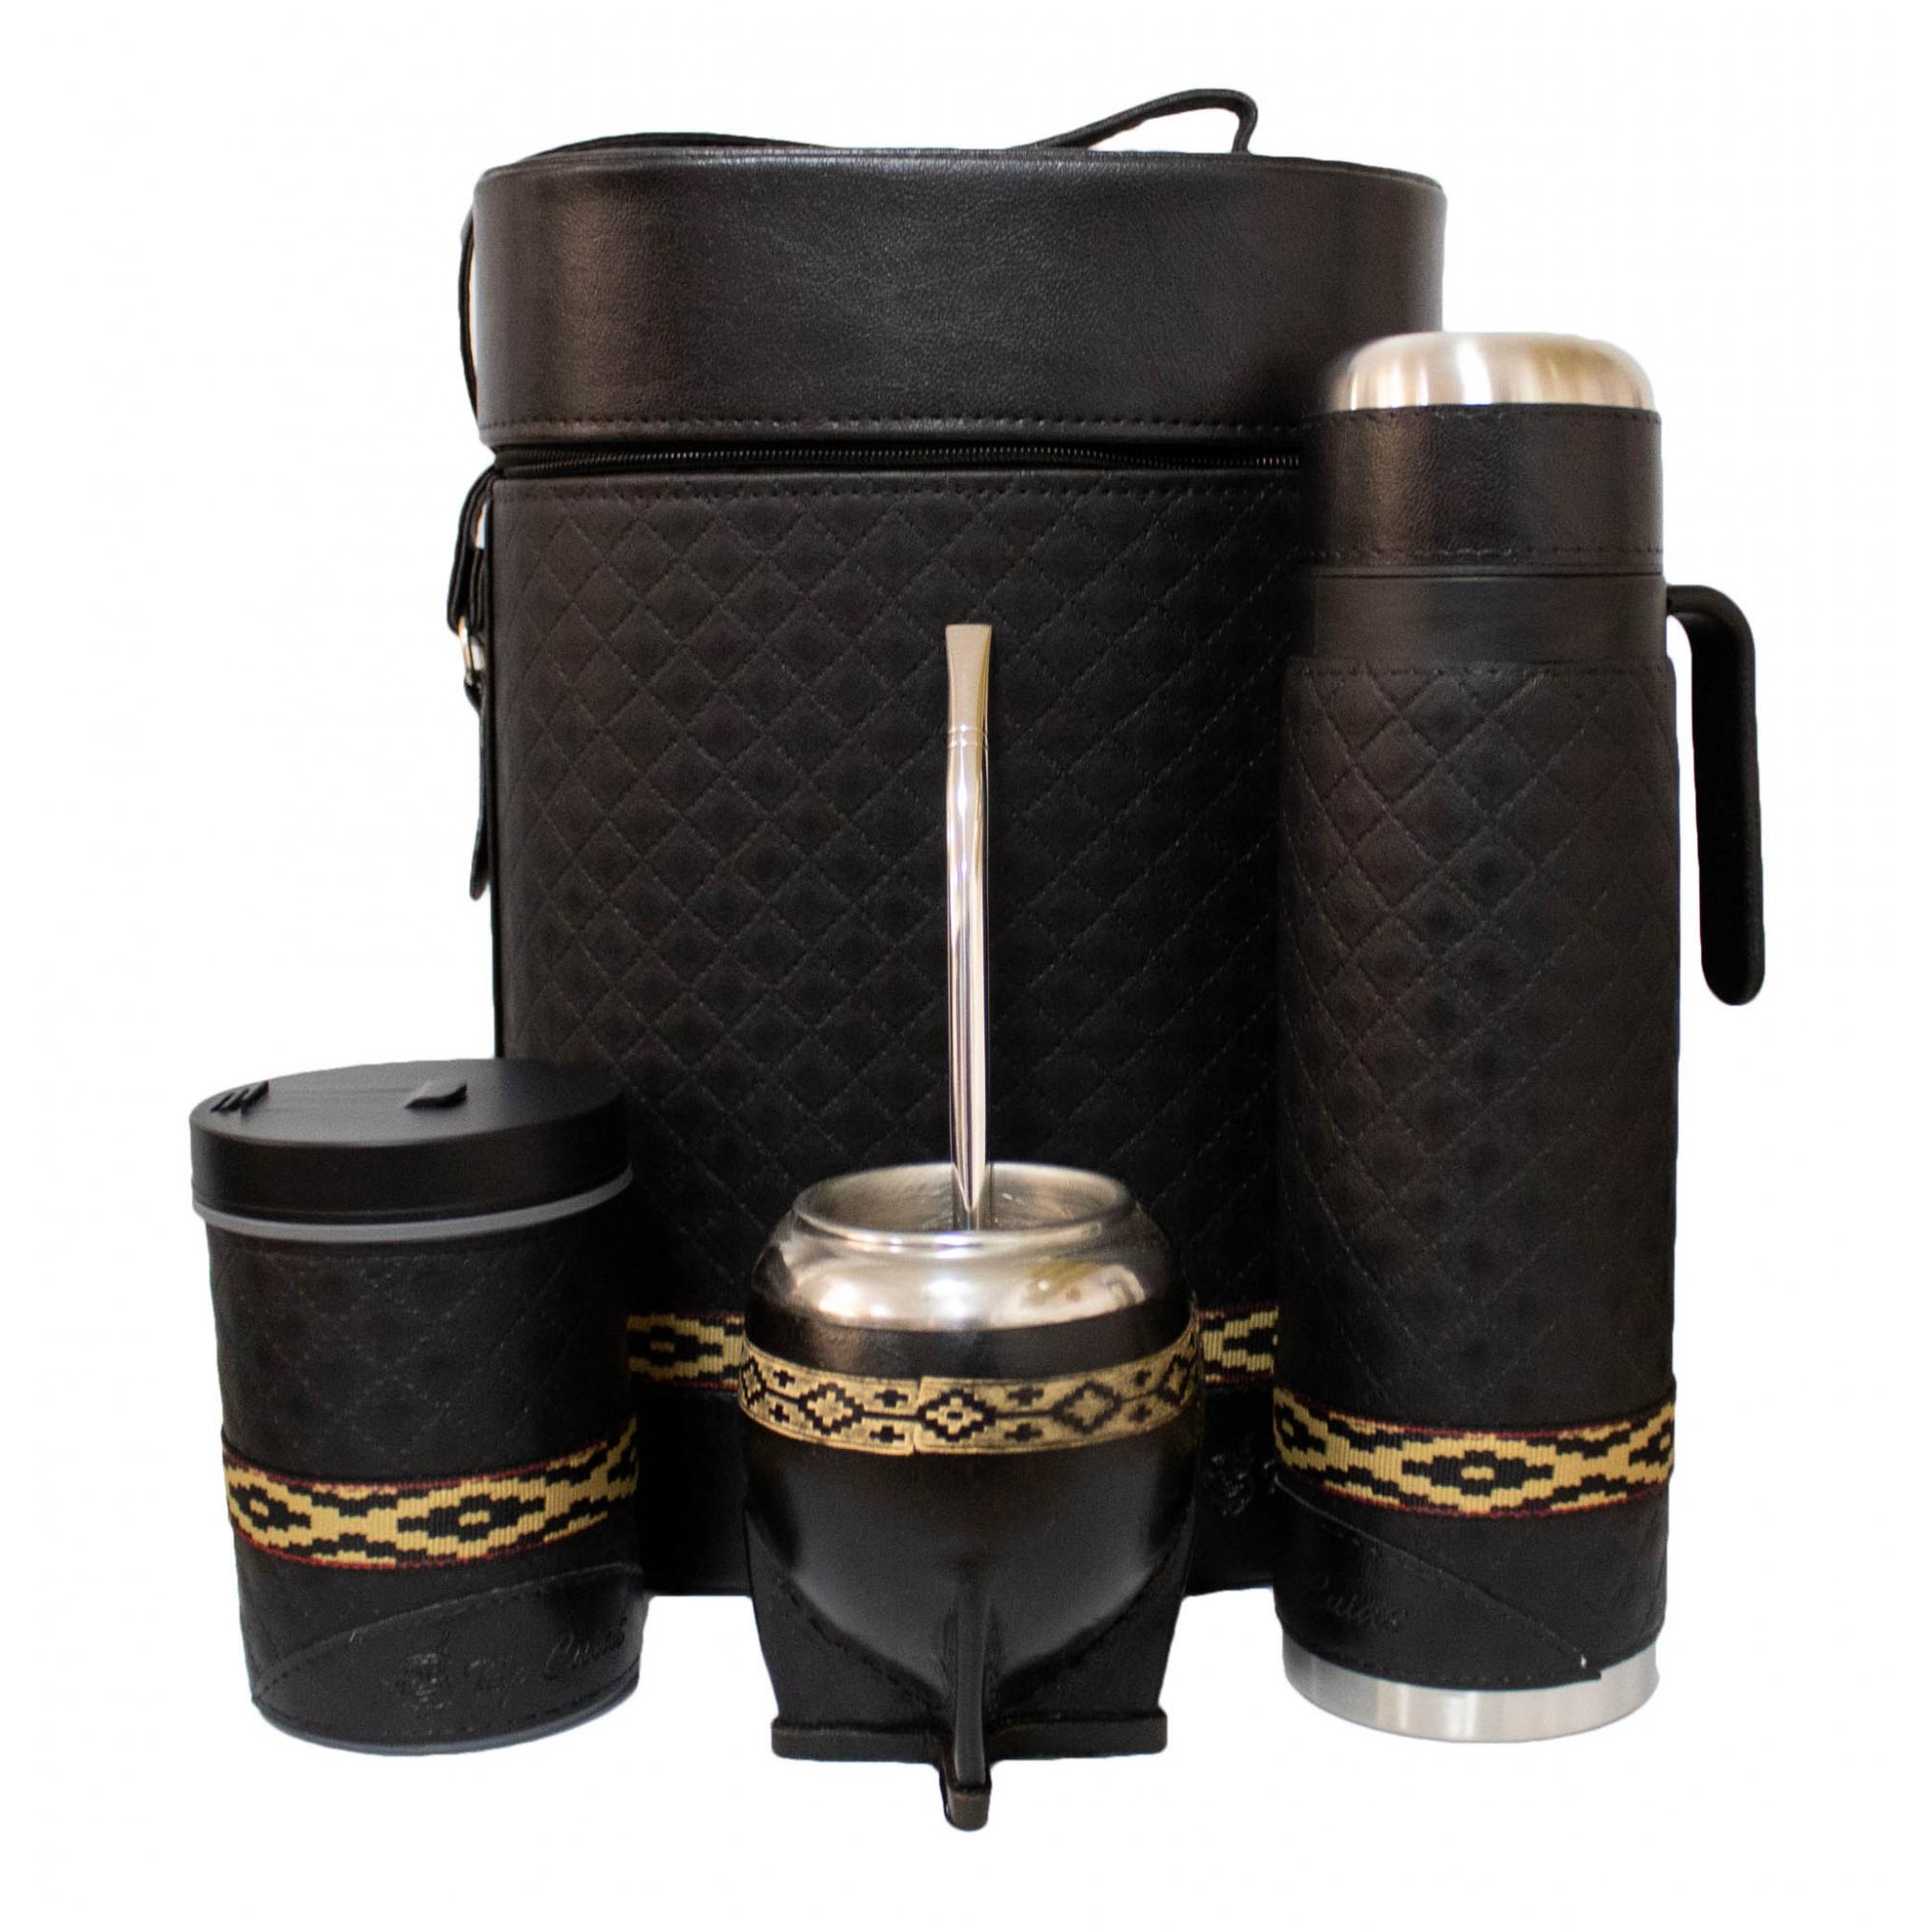 Conjunto chimarrão mateira 1 litro, térmica, cuia coquinho faixa pampa, bomba inox e porta erva